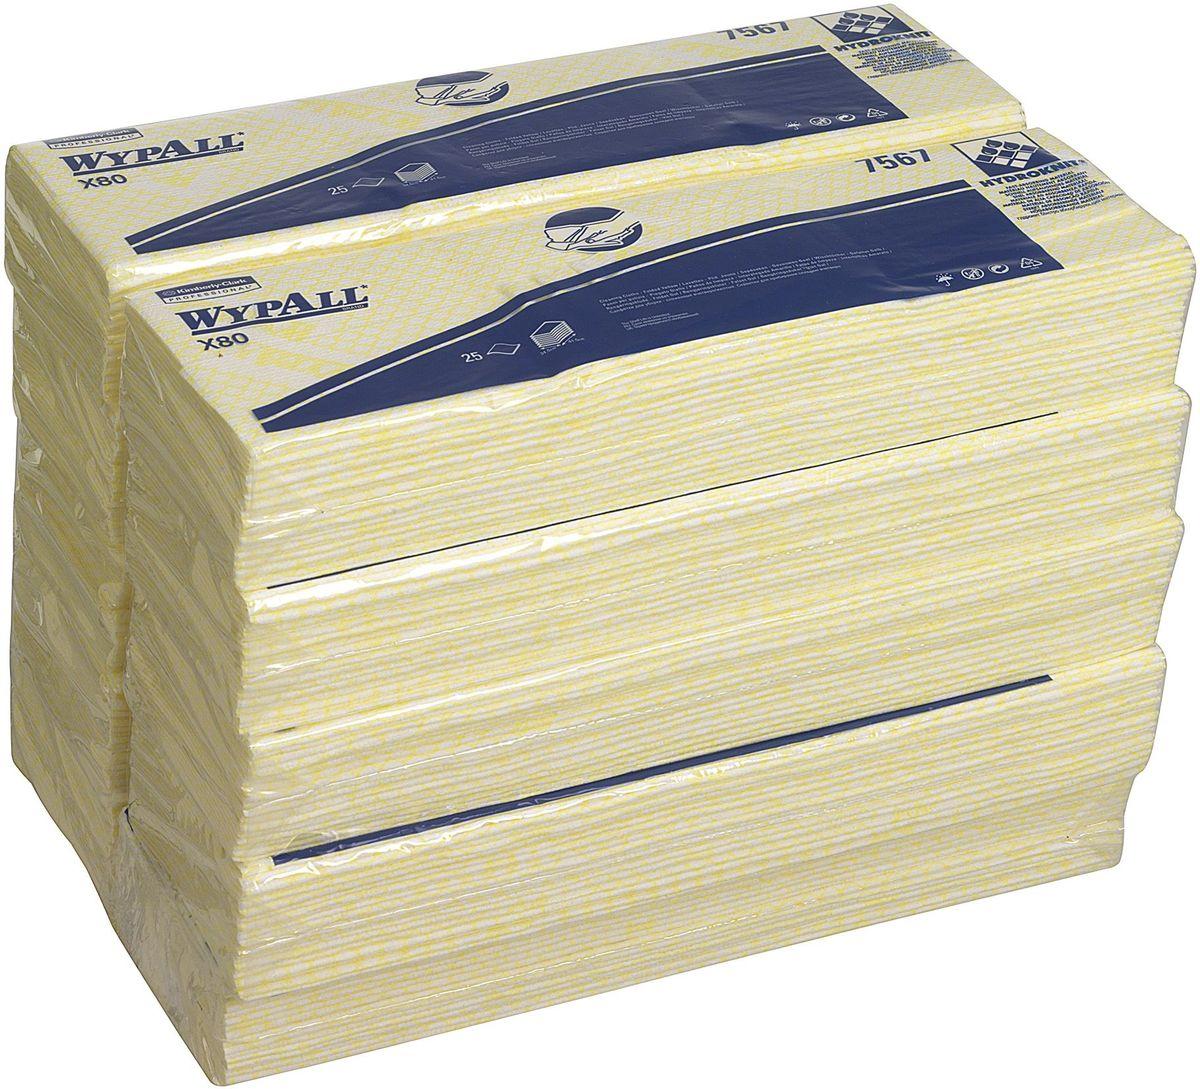 Салфетки для уборки Wypall Х80, цвет: желтый, белый, 10 упаковок х 25 шт7567Салфетки Wypall Х50, выполненные из целлюлозы исинтетики, предназначены для многоразового использования,изготовленные по технологии HYDROKNIT®. Изделияобладают отличной впитывающей способностью,долговечностью и прочностью, как в сухом, так и во влажномсостоянии. Салфетки Wypall Х50 - идеальноерешение для гигиеничной уборки в туалетных комнатах,клинических помещениях и палатах пациентов, на кухнях иучастках приготовления пищи. Салфетки допускают стирку иповторное использование, что уменьшает объем отходов исокращает эксплуатационные затраты. Количество упаковок: 10 шт. Количество салфеток в 1 упаковке: 25 шт.